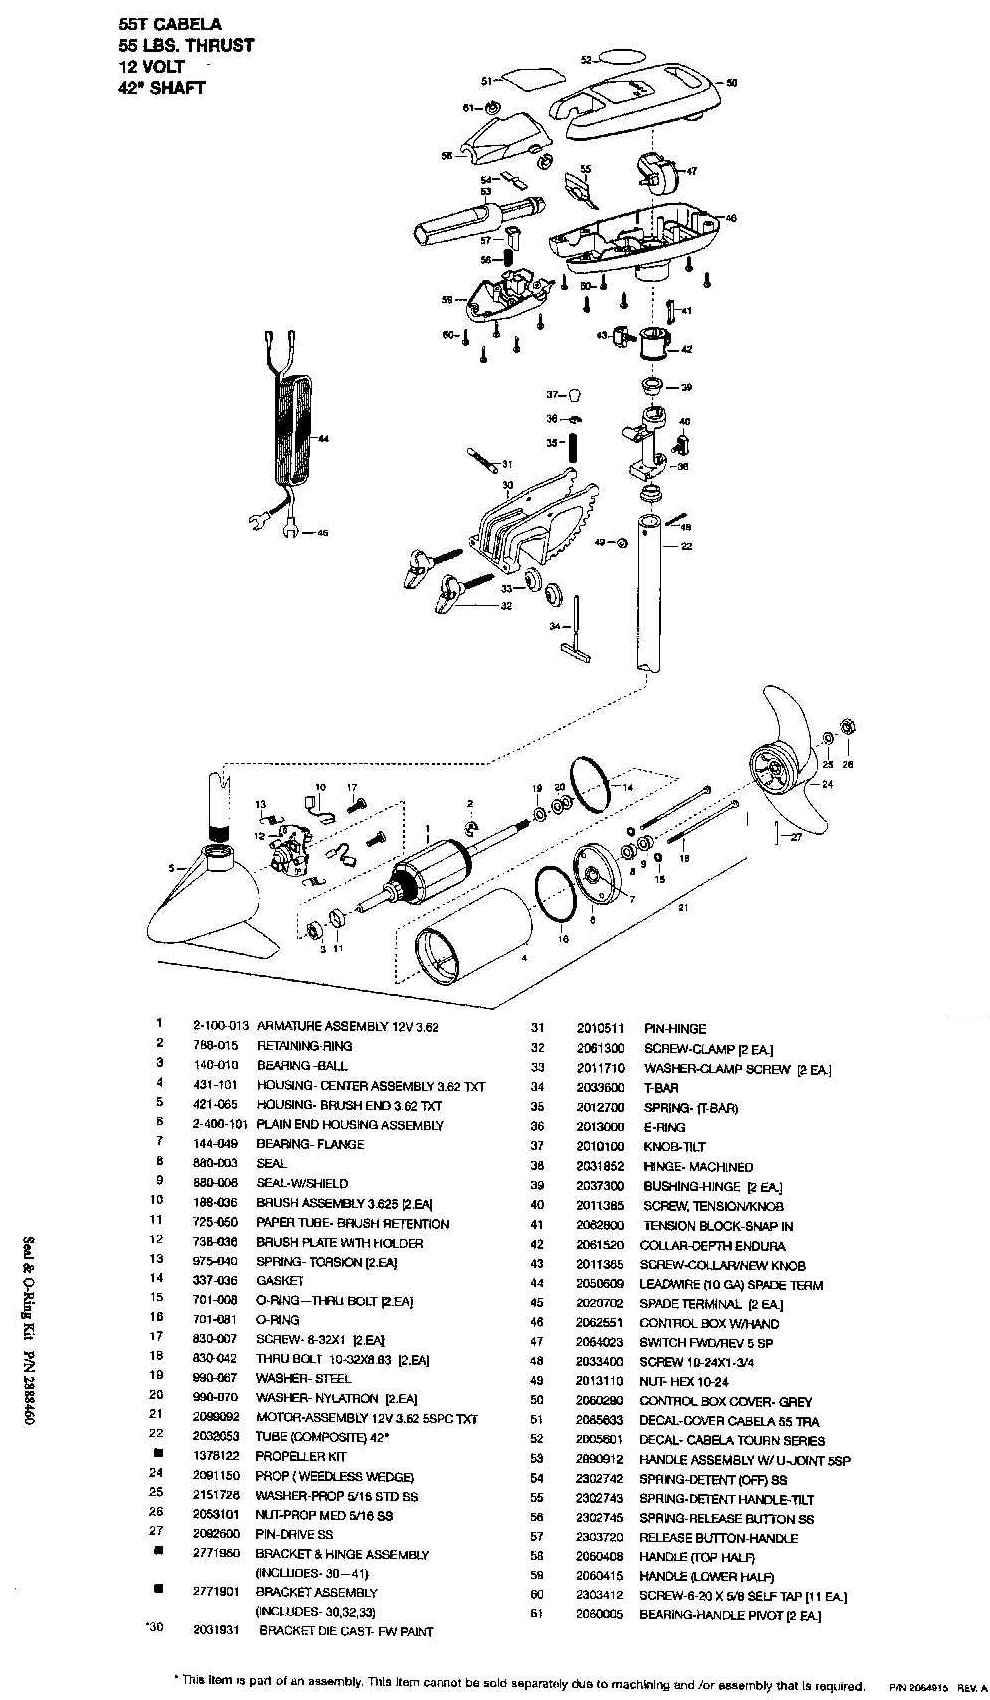 [MG_9606] Minn Kota 35 Wiring Diagram Download Diagram